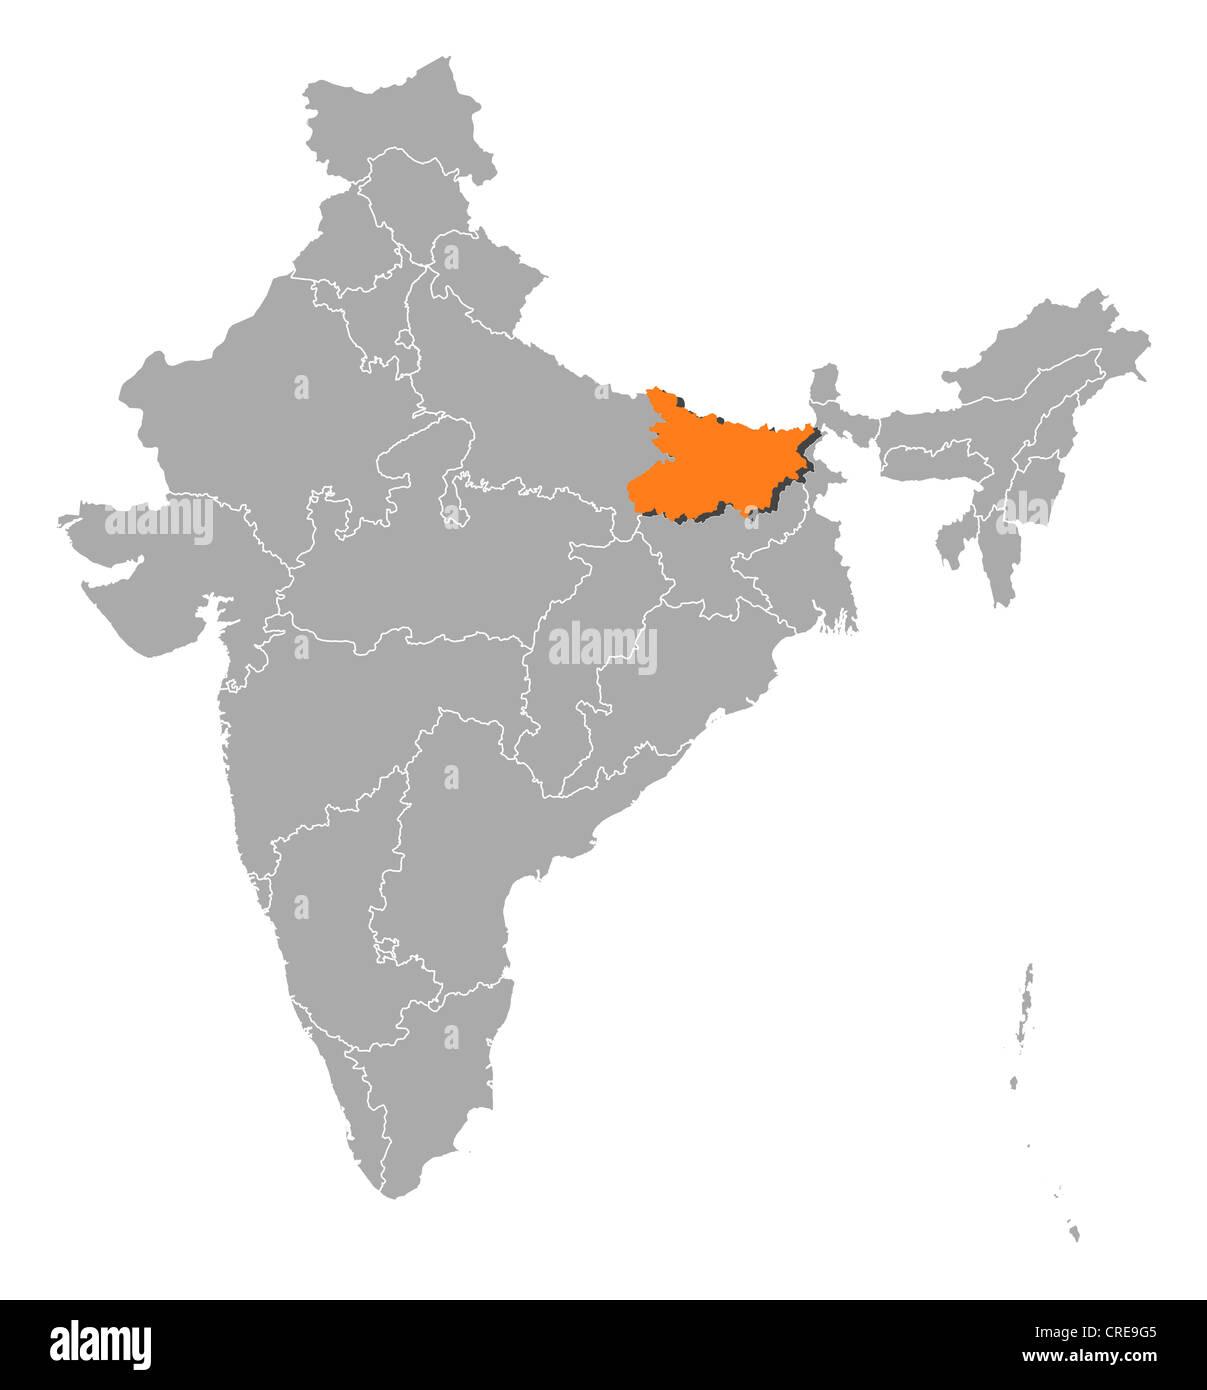 Bihar Map Vector Stock Photos Bihar Map Vector Stock Images Alamy